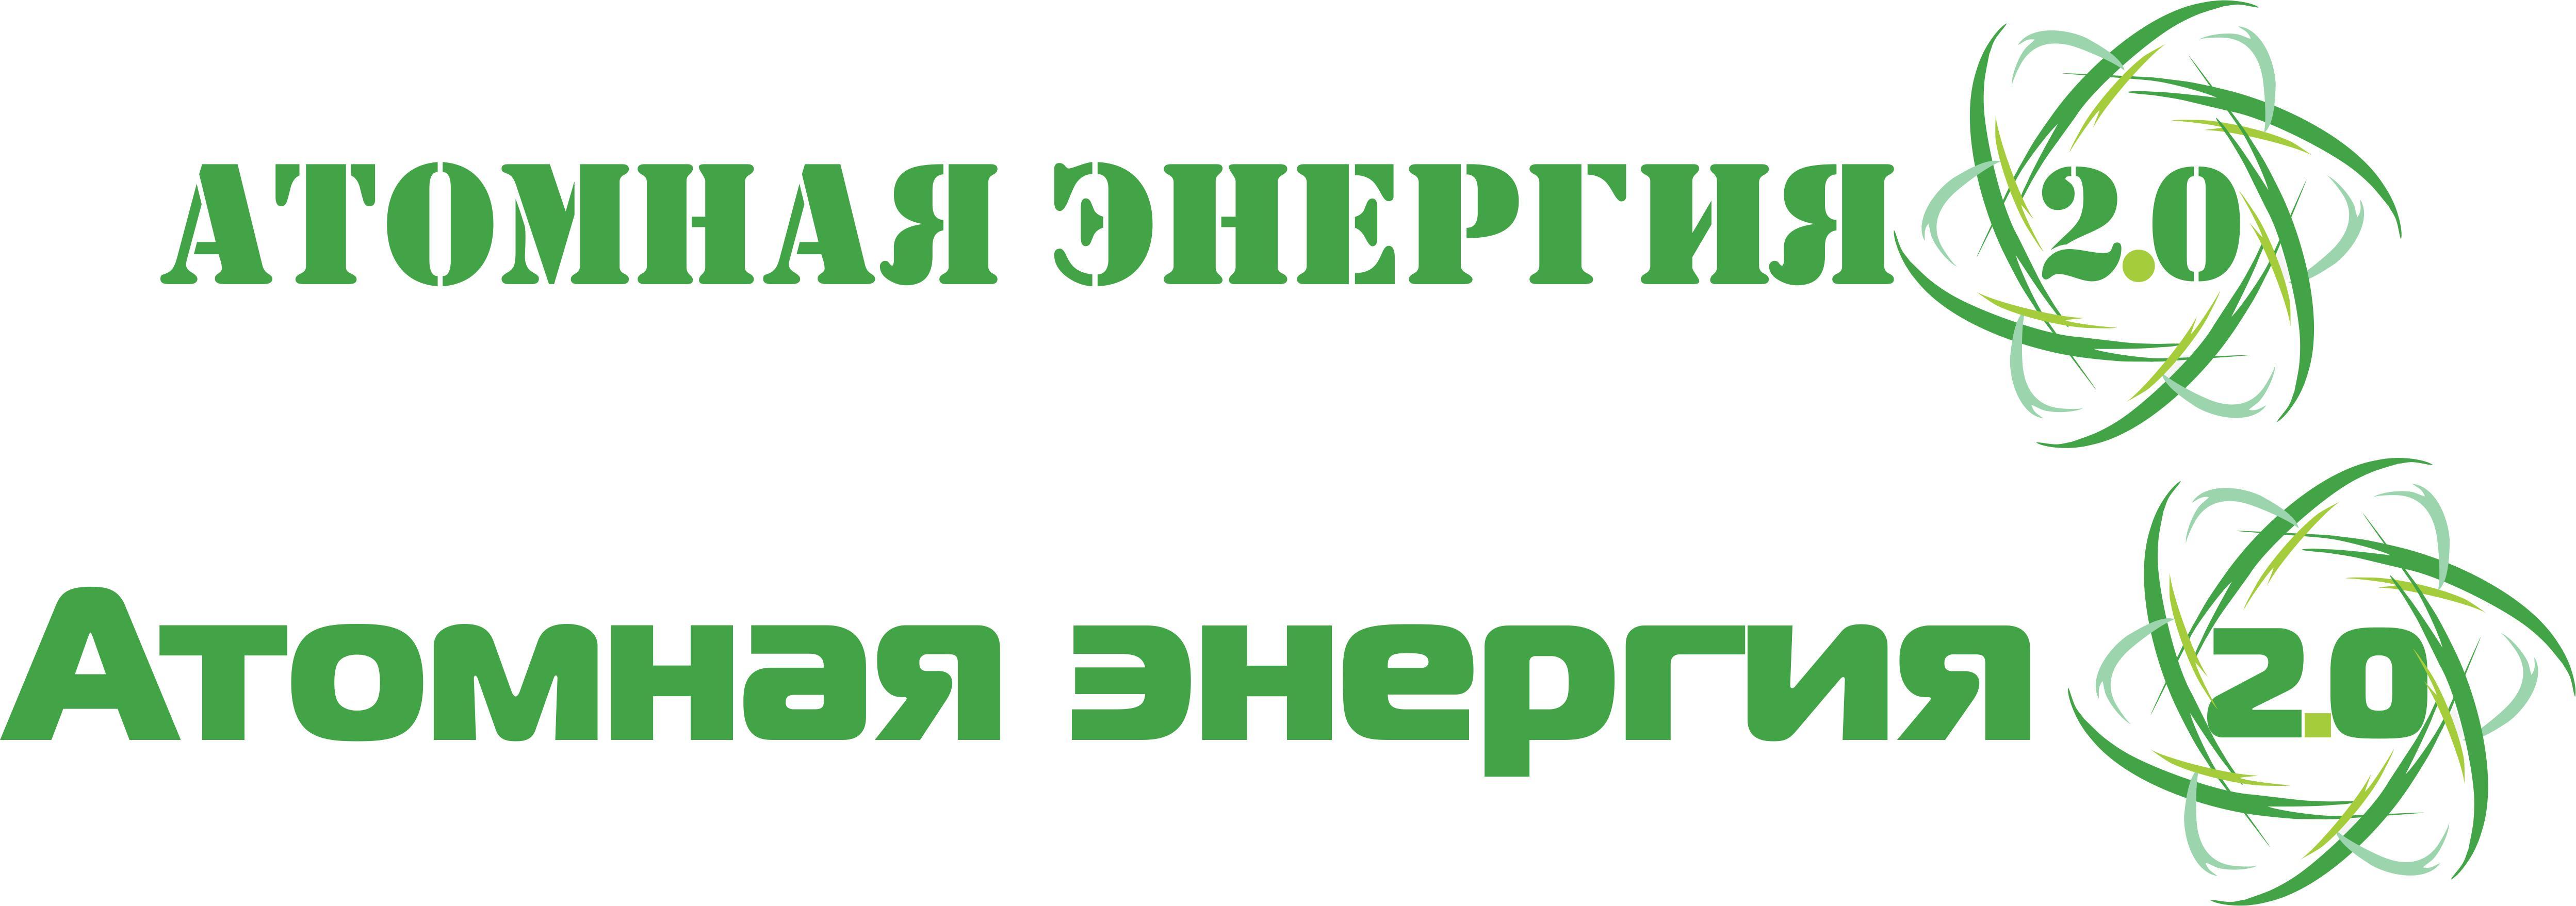 """Фирменный стиль для научного портала """"Атомная энергия 2.0"""" фото f_47359df213d7565b.jpg"""